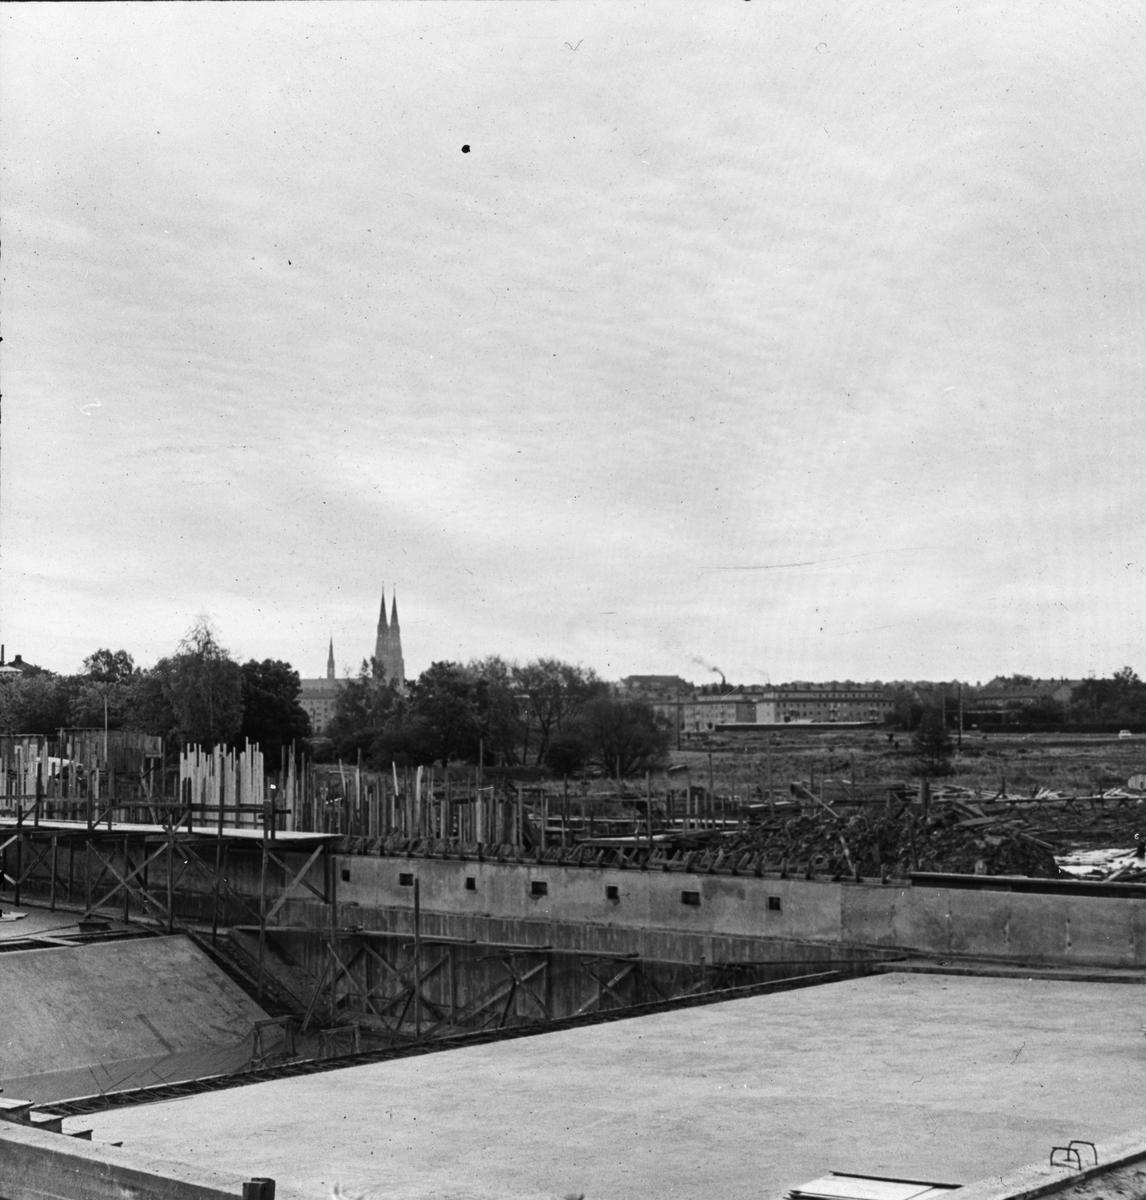 Fyrishallen under uppförande, kvarteret Starkodder, Svartbäcken, Uppsala 1960-tal